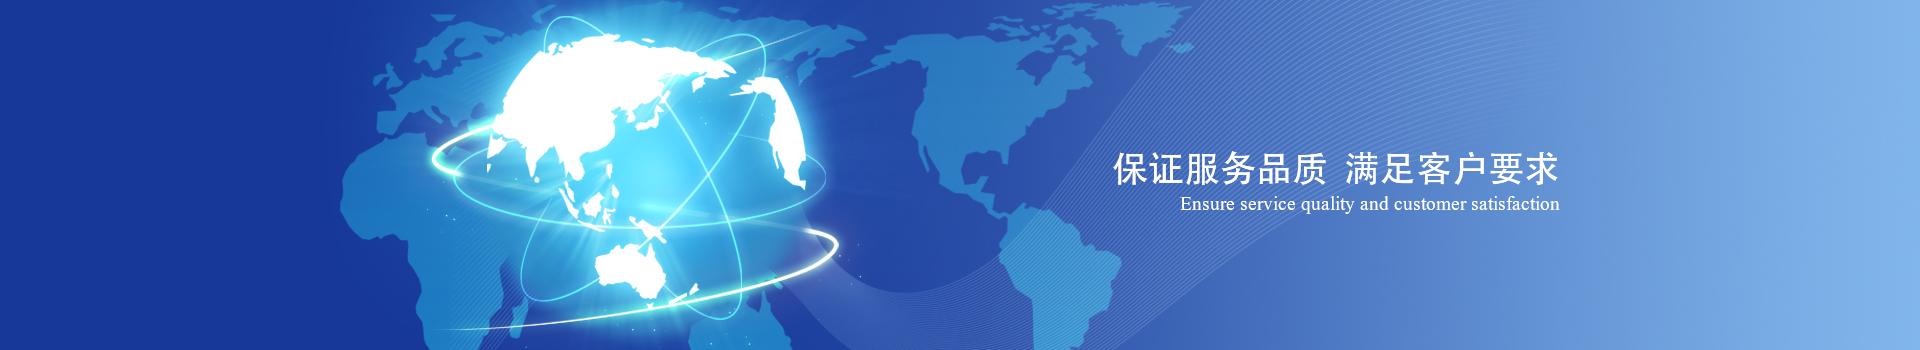 江蘇華信新材料股份有限公司